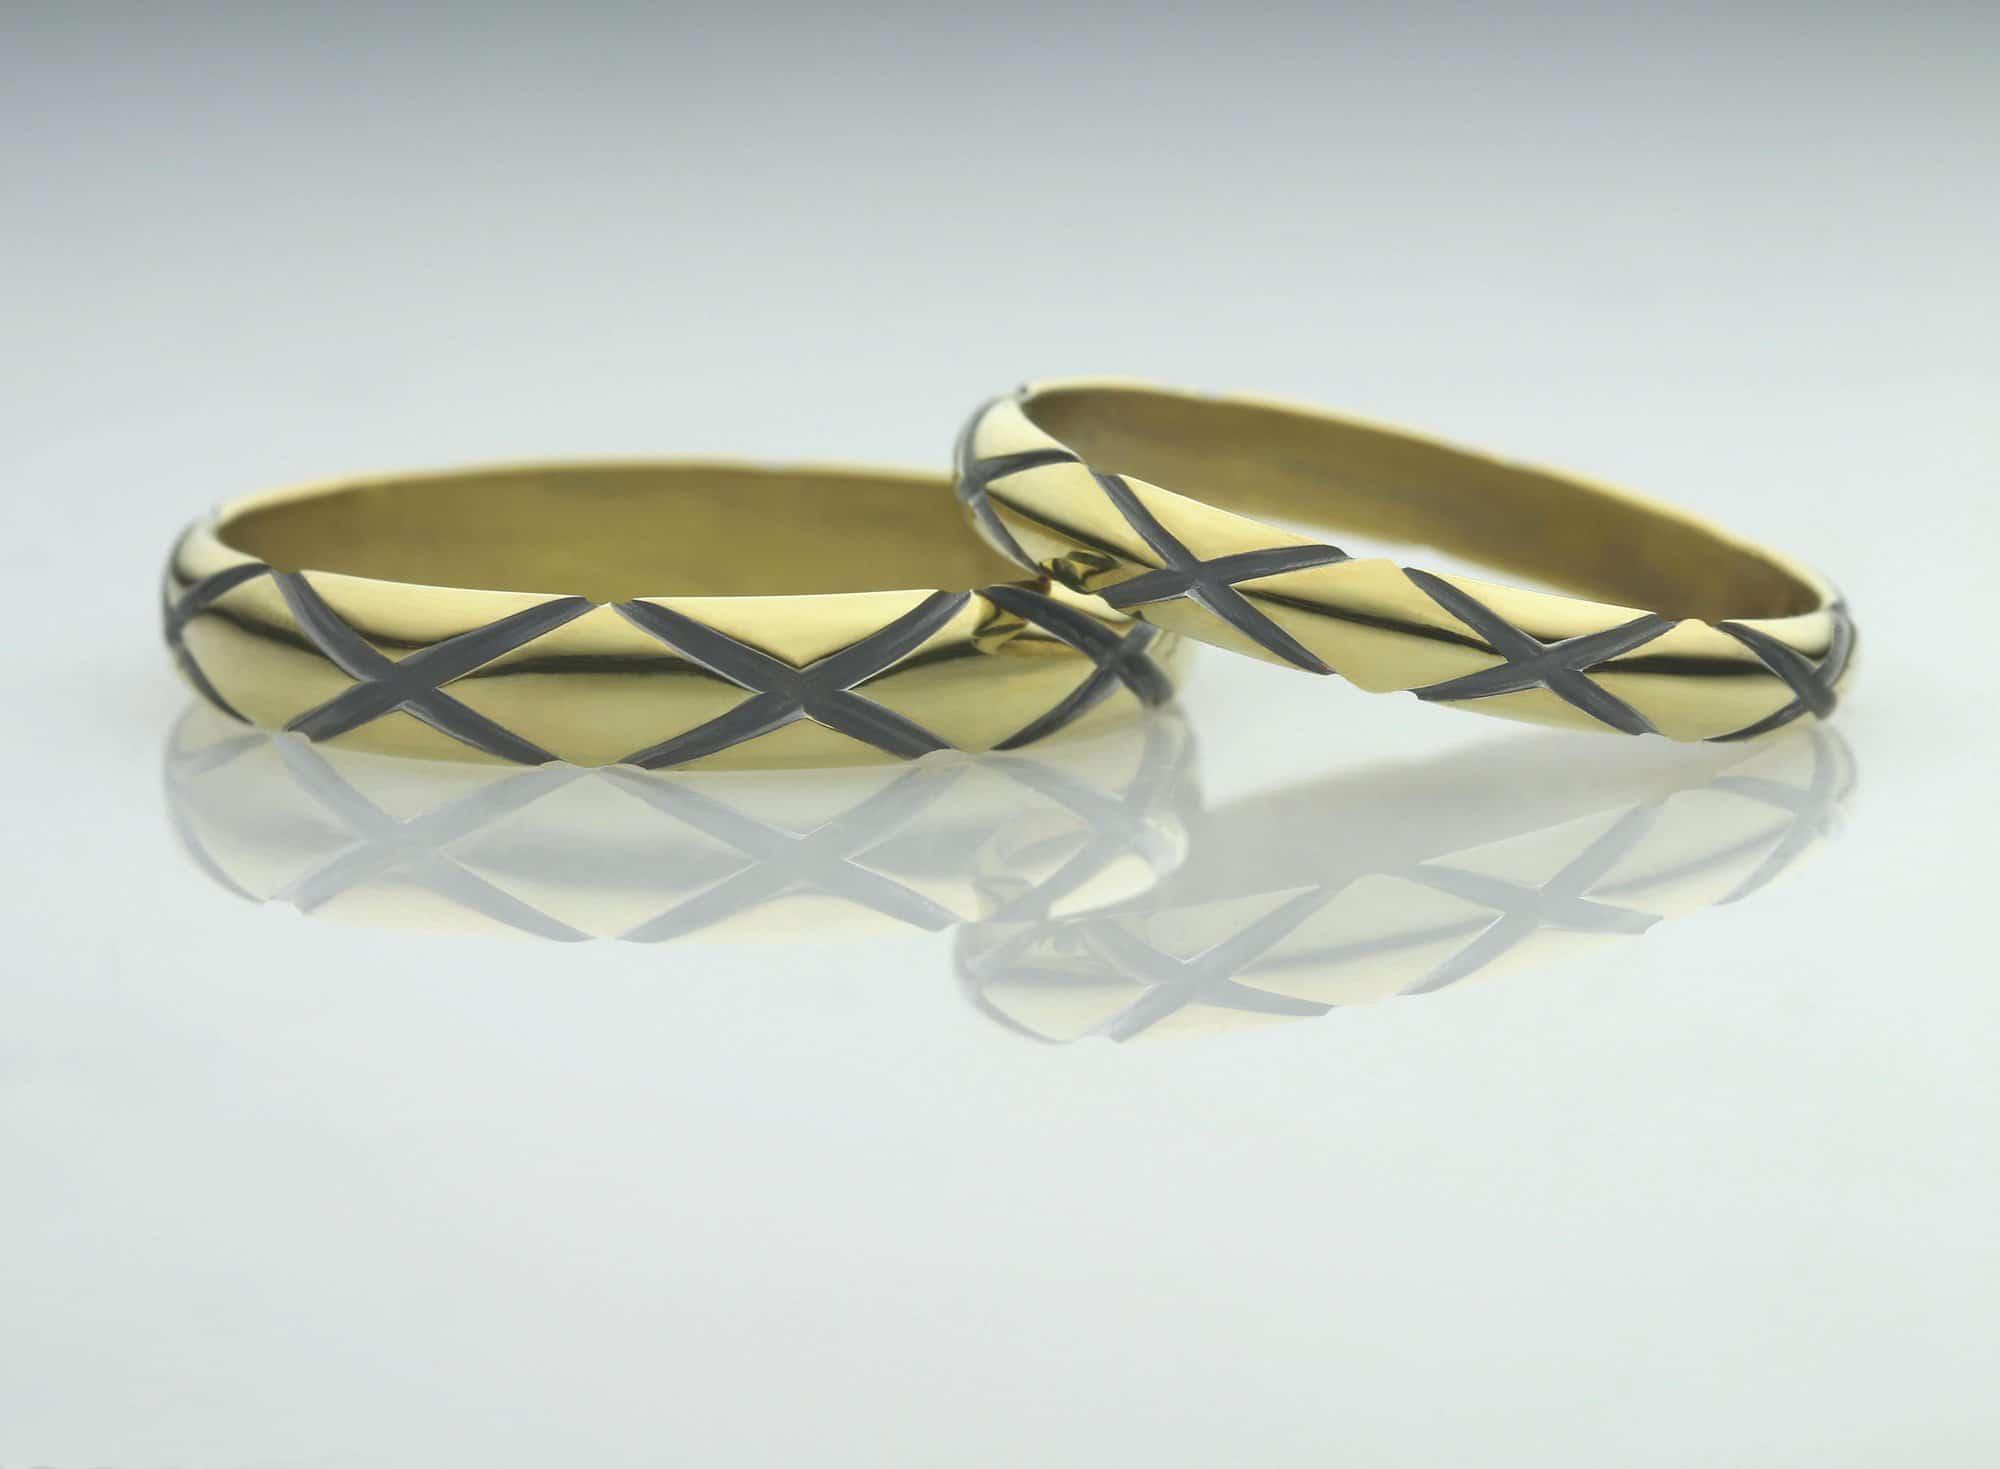 Mønstrede forlovelsesringe i guld med mønster og krydser - håndlavet